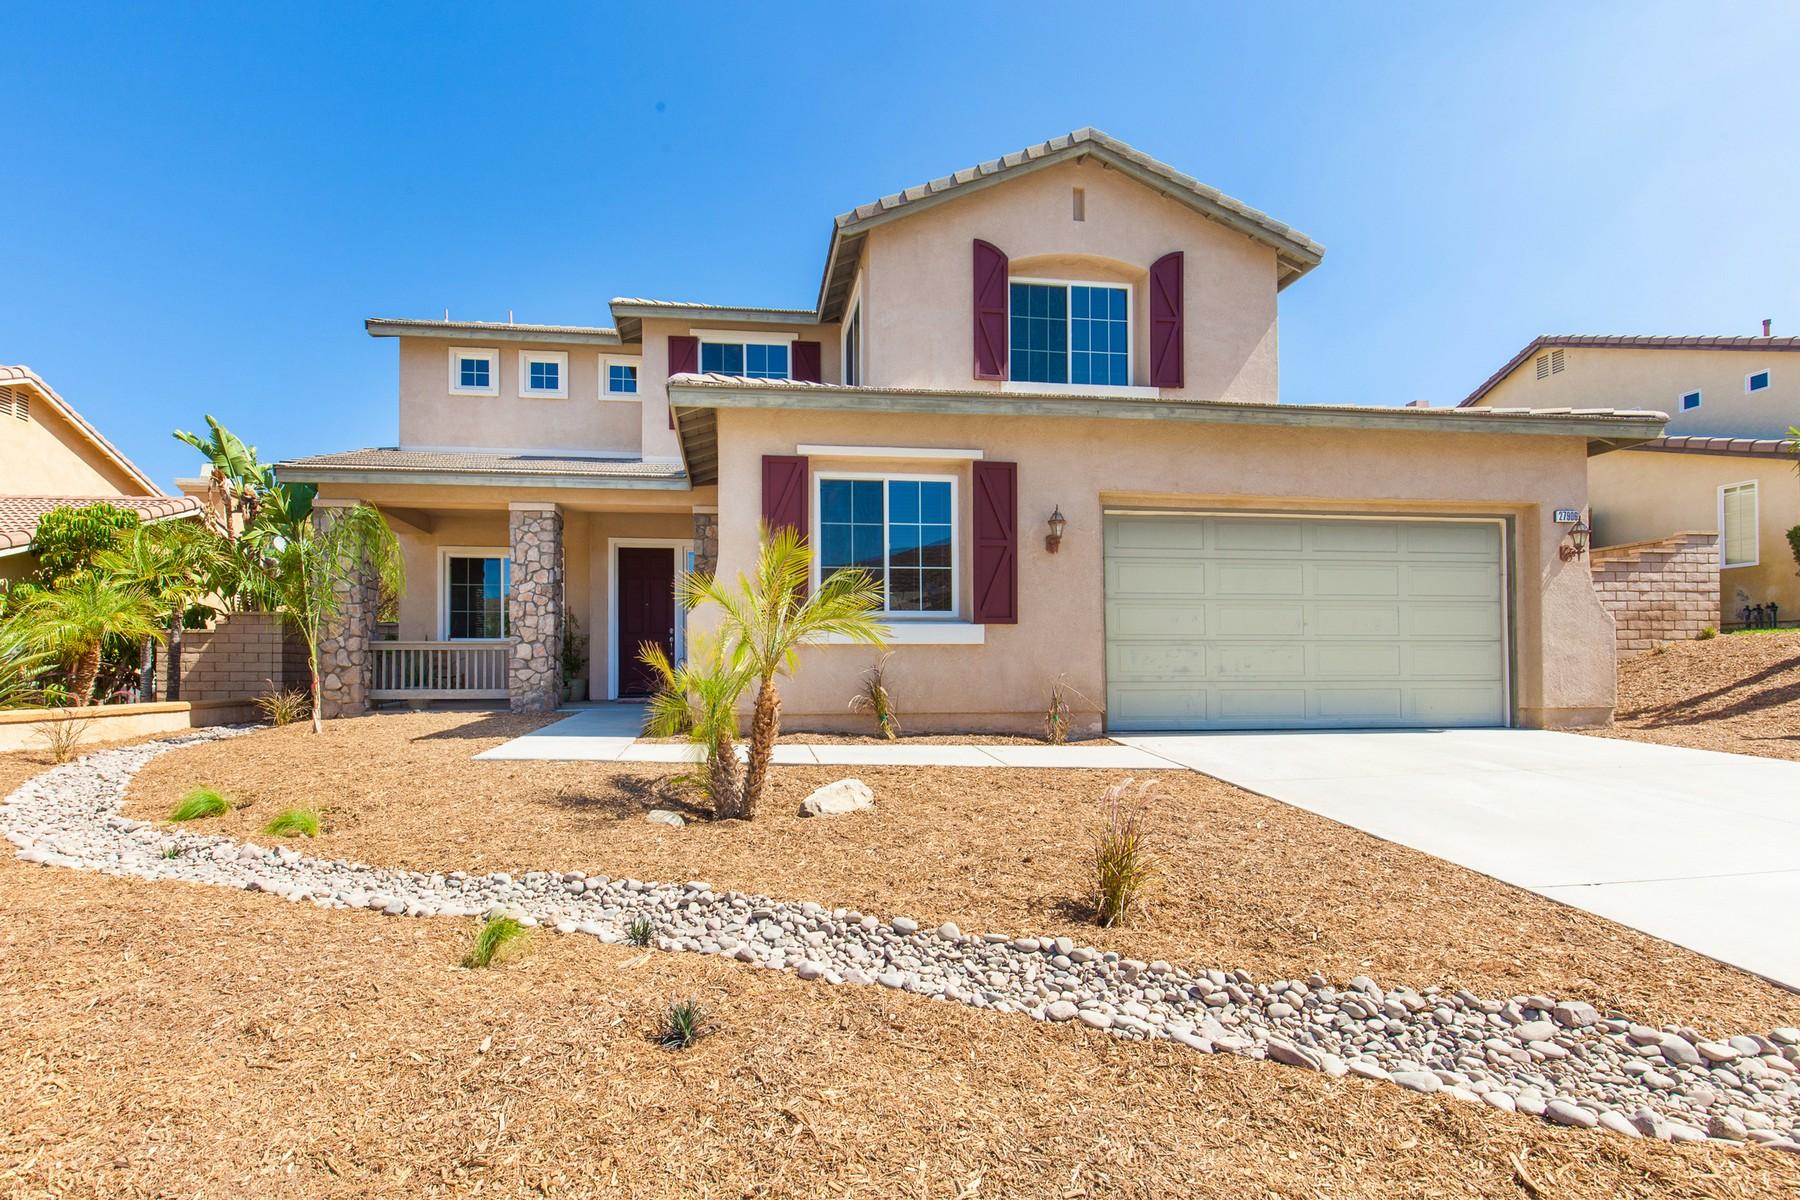 Einfamilienhaus für Verkauf beim 27906 Tate Road Sun City, Kalifornien, 92585 Vereinigte Staaten